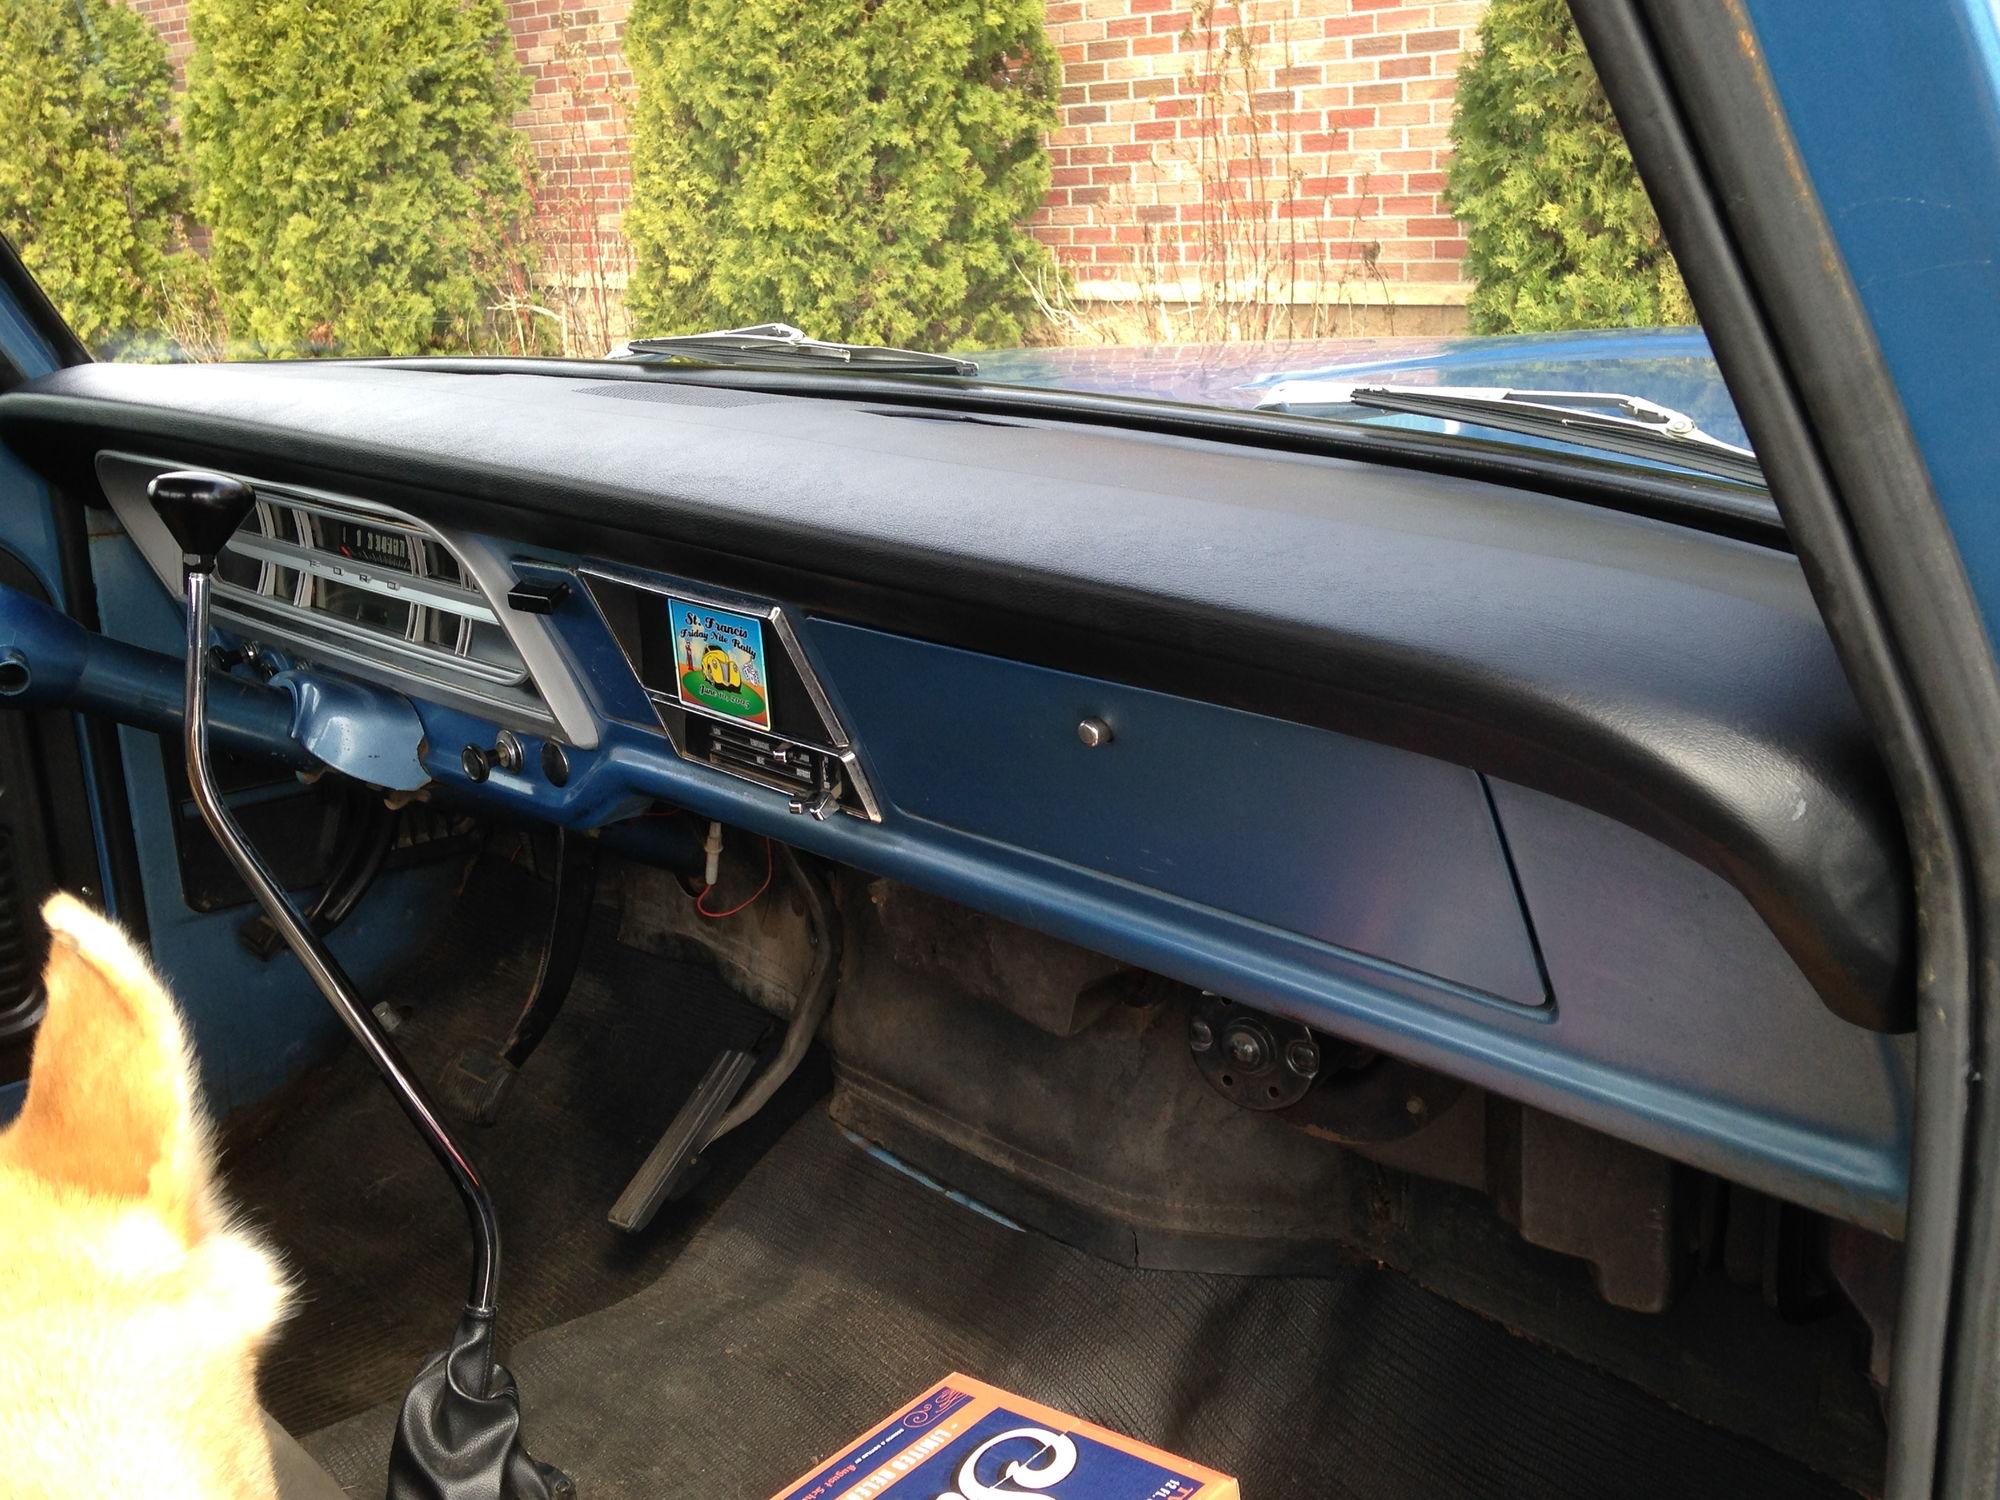 1986 Ford F150 Dash Pad 198086 Truck Vinyl Pads F 150